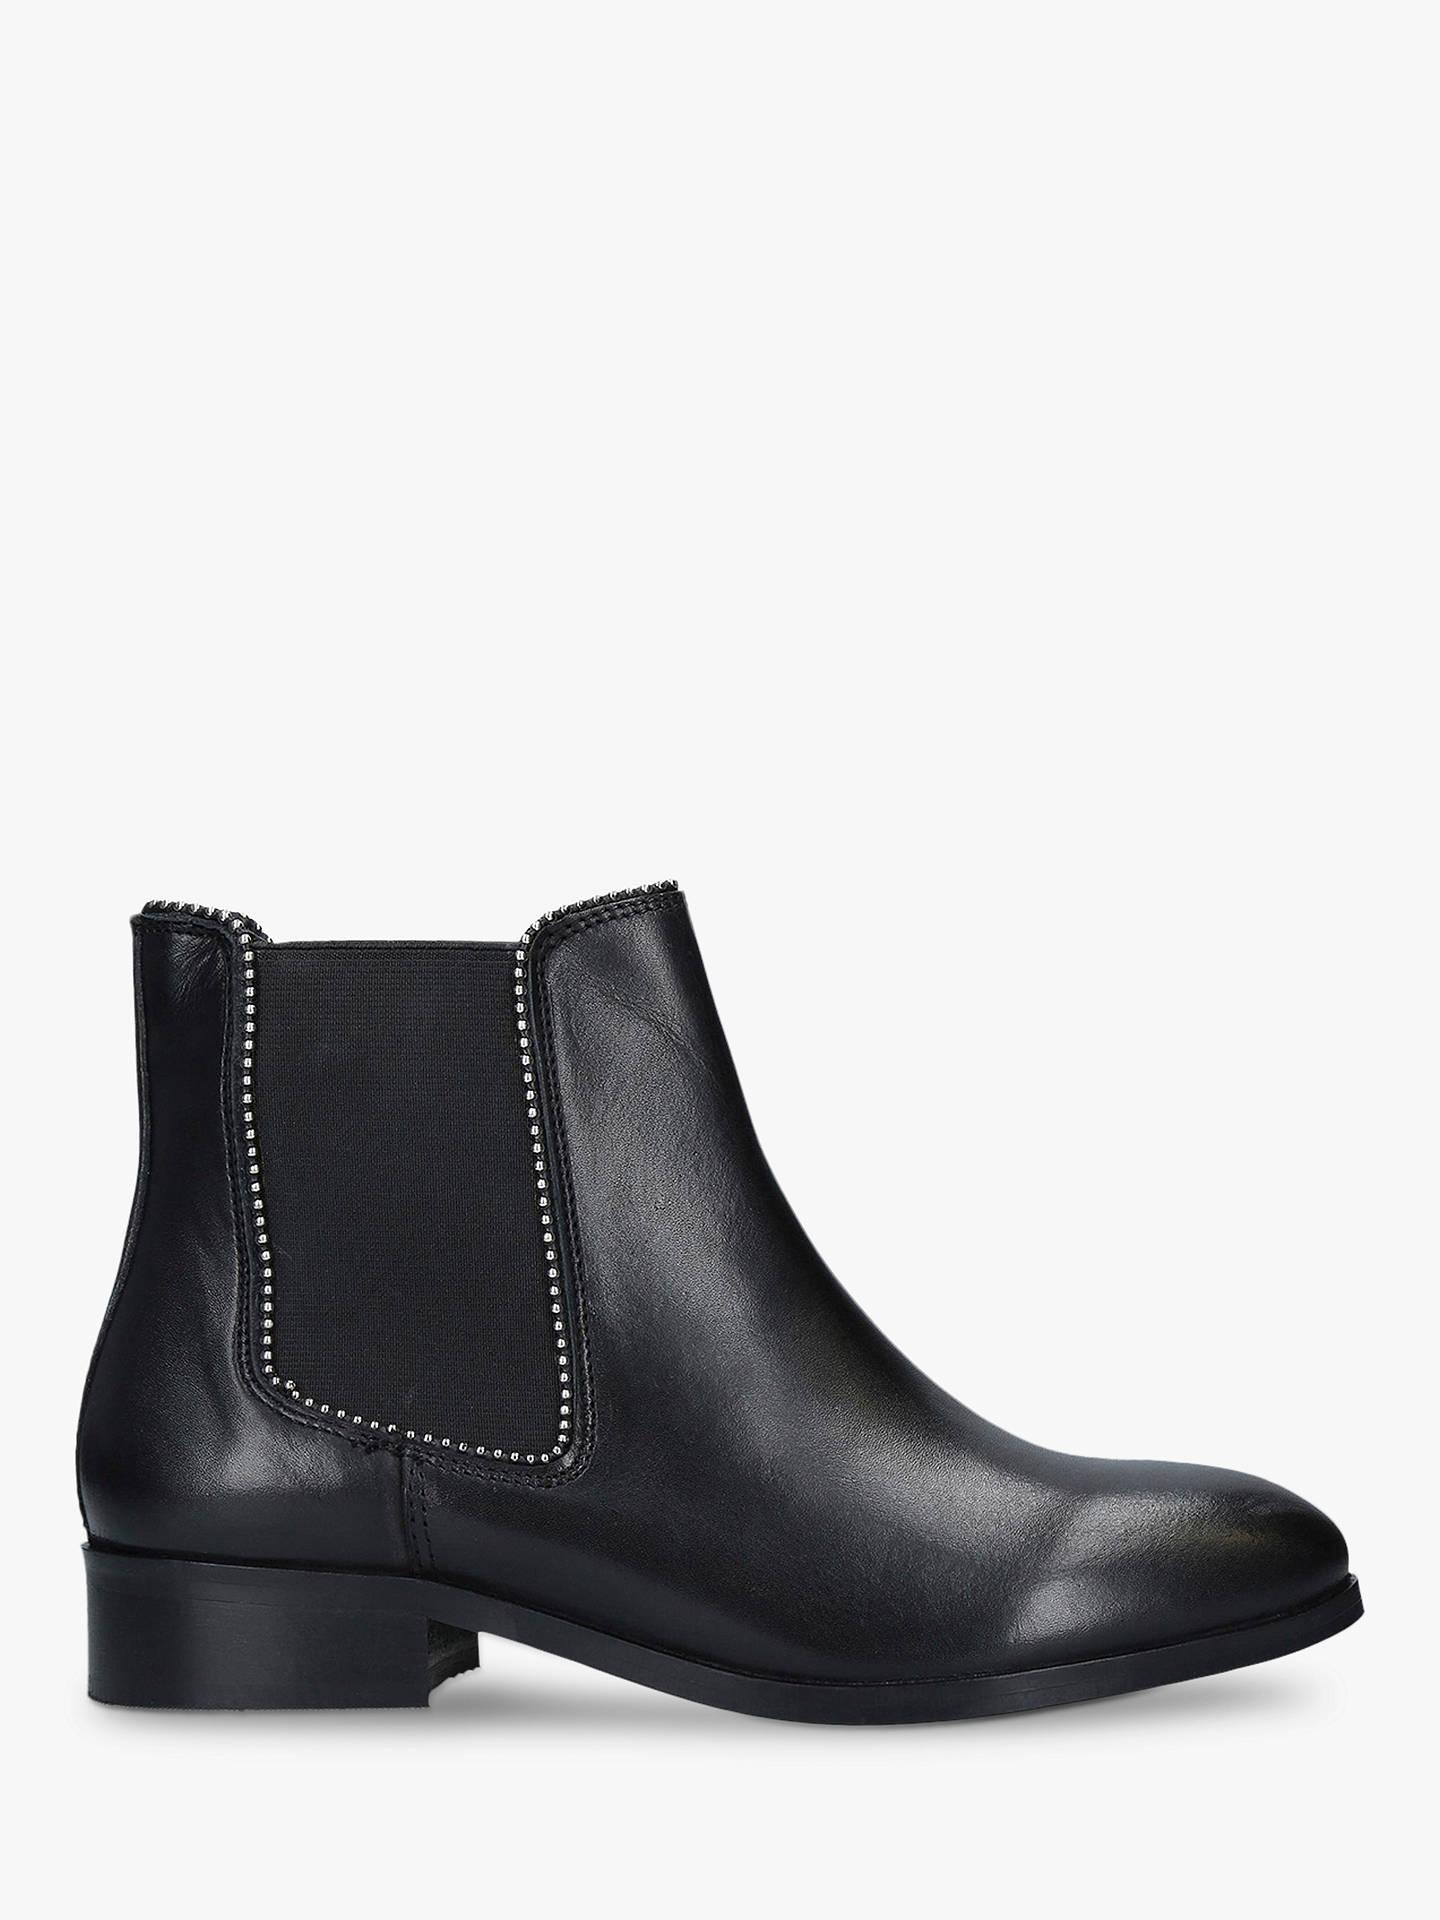 carvela-sphere-leather-stud-detail-boots,-black by carvela